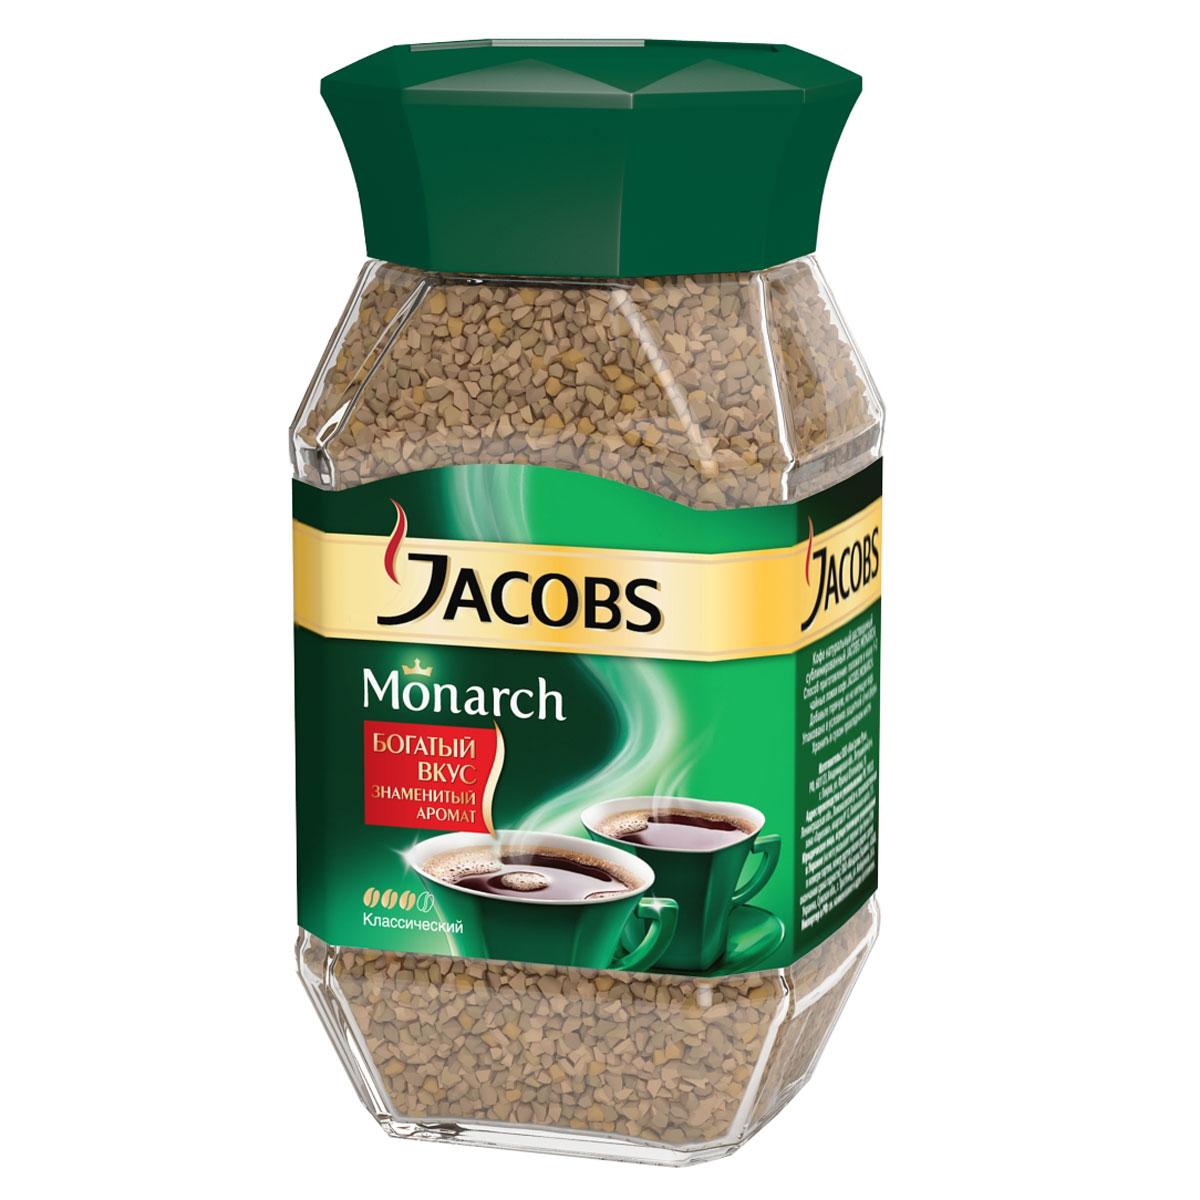 Jacobs Monarch кофе растворимый, 47,5 г960968В благородной теплоте тщательно обжаренных зерен скрывается секрет подлинной крепости и притягательного аромата кофе Jacobs Monarch.Заварите чашку кофе Jacobs Monarch, и вы сразу почувствуете, как его уникальный притягательный аромат окружит вас и создаст особую атмосферу для теплого общения с вашими близкими.Так рождается неповторимая атмосфера Аромагии кофе Jacobs Monarch.